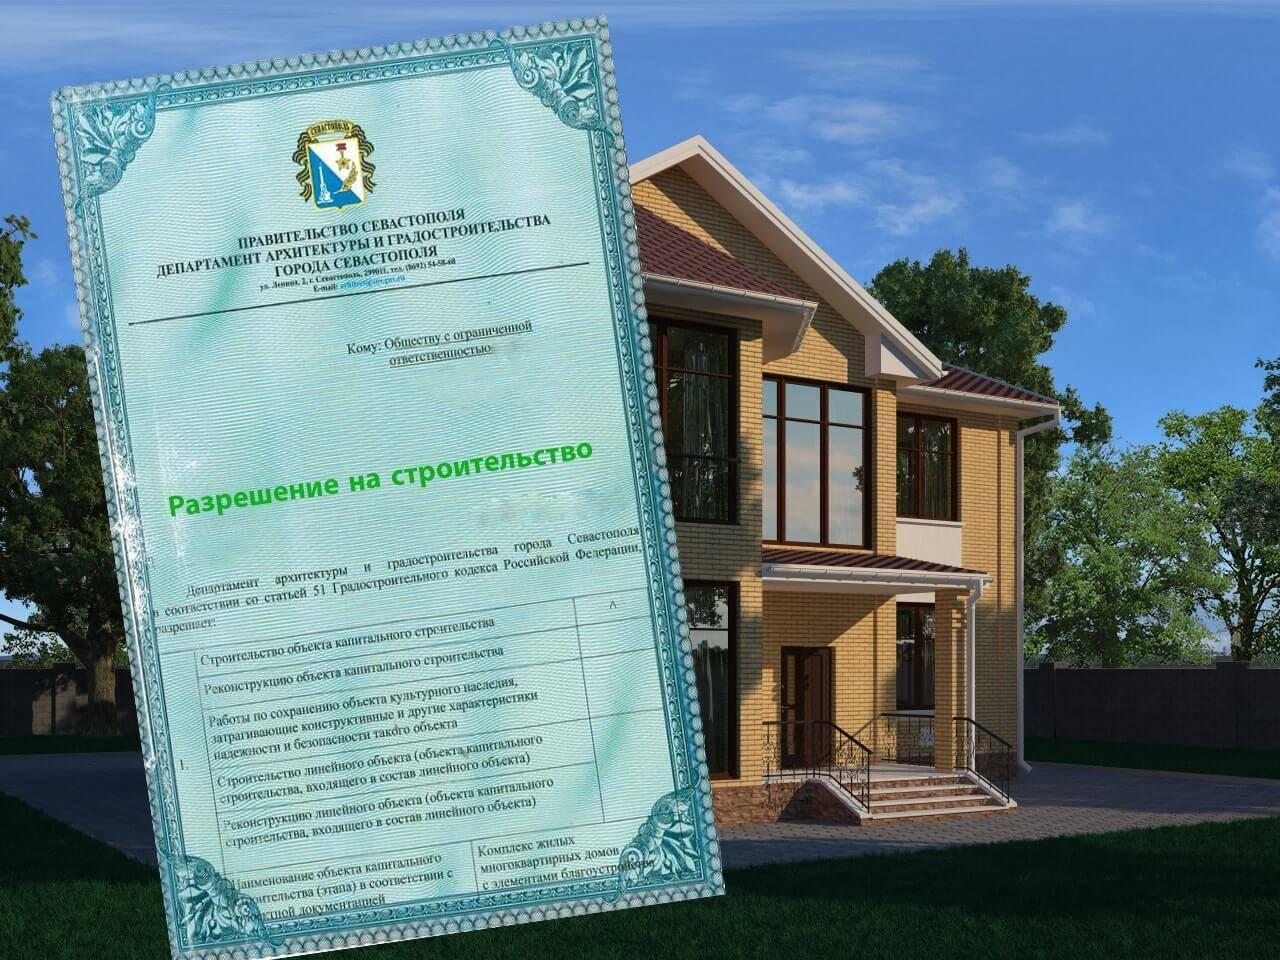 Разрешение на строительство дома на собственном участке: как получить?